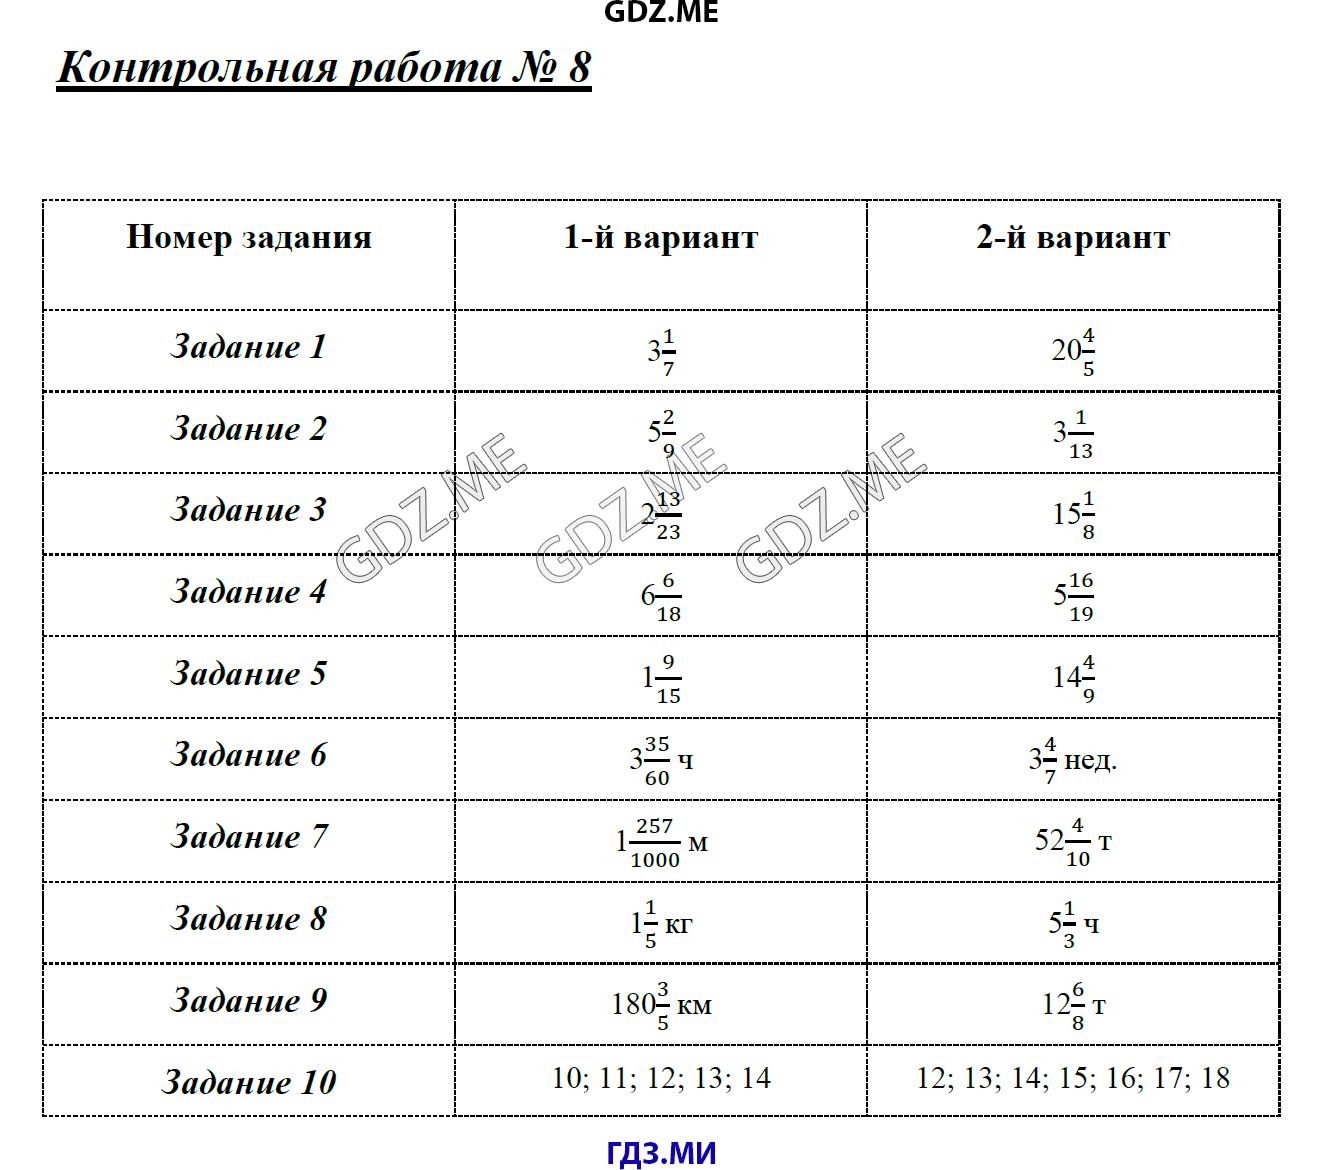 ГДЗ по математике класс Глазков Ахременкова контрольные работы   Контрольная работа №8